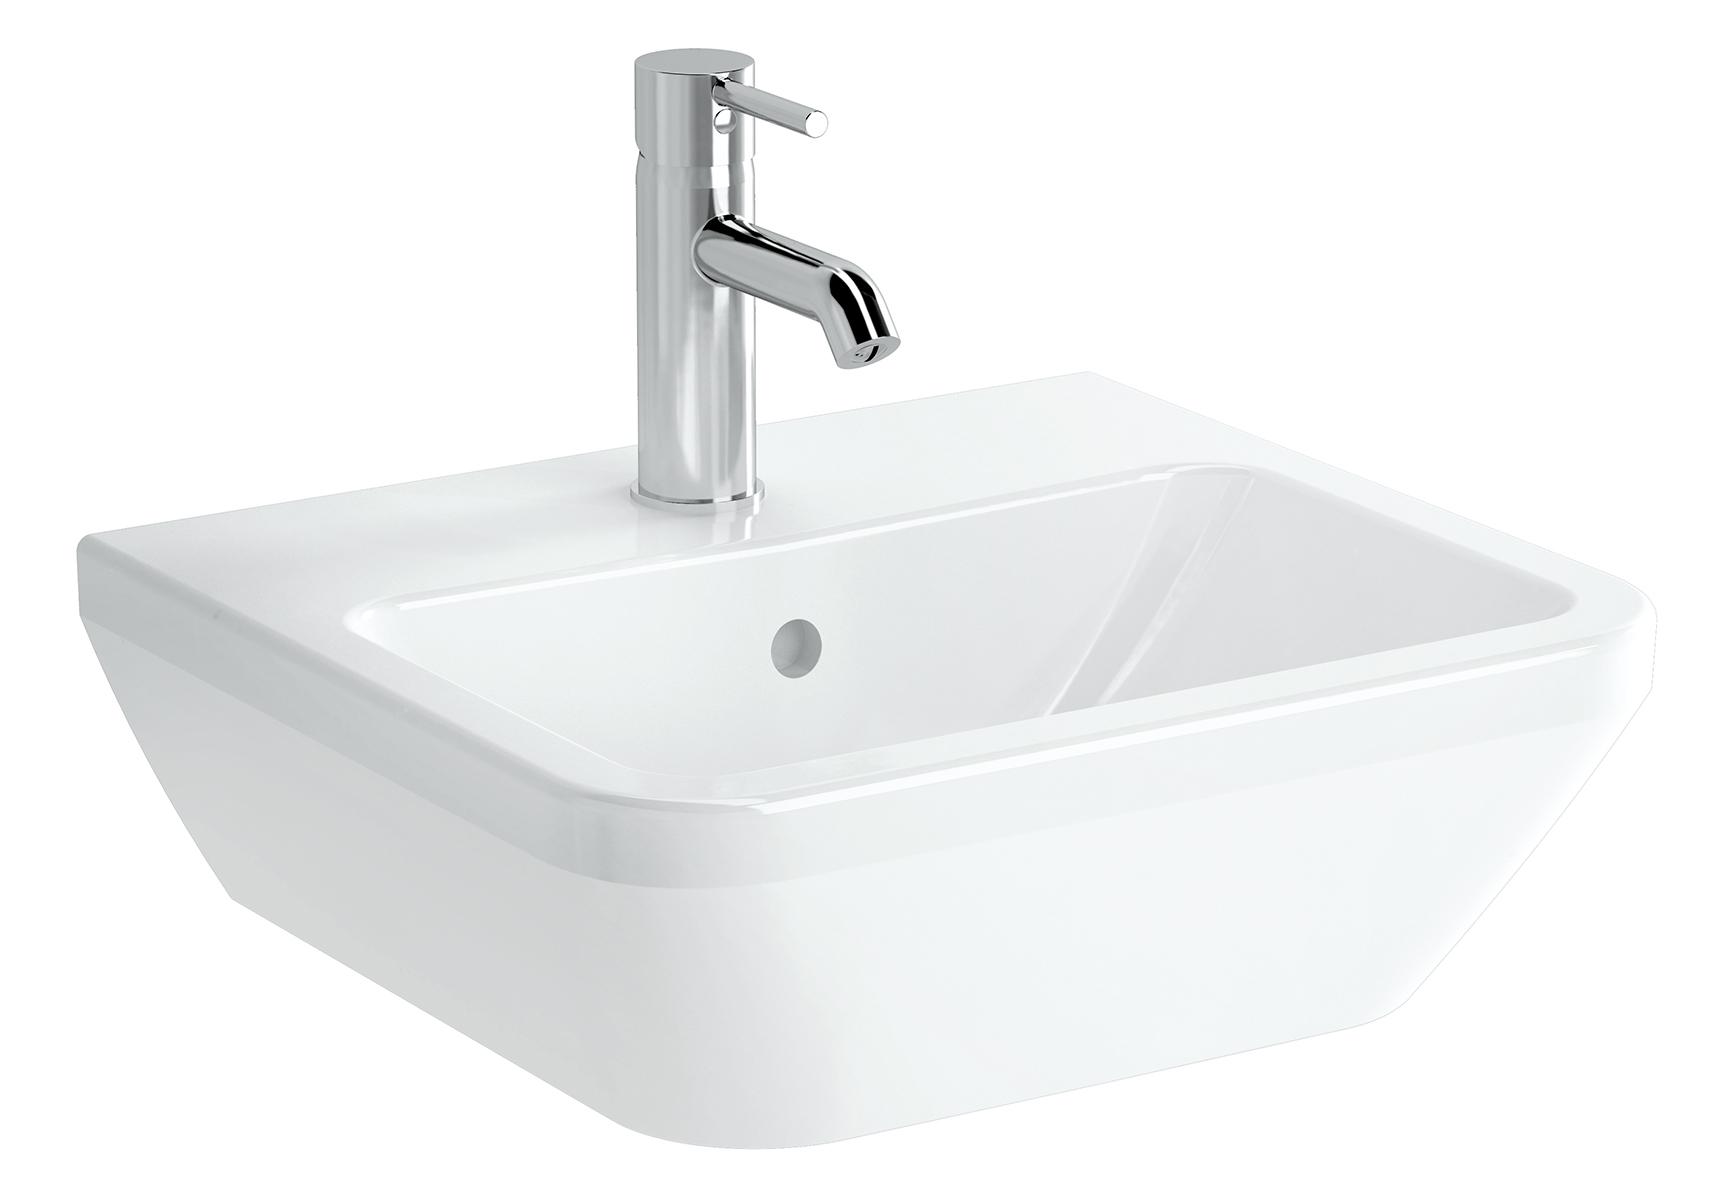 Integra lavabo carré, 45 cm, avec trou de robinet, avec trop-plein